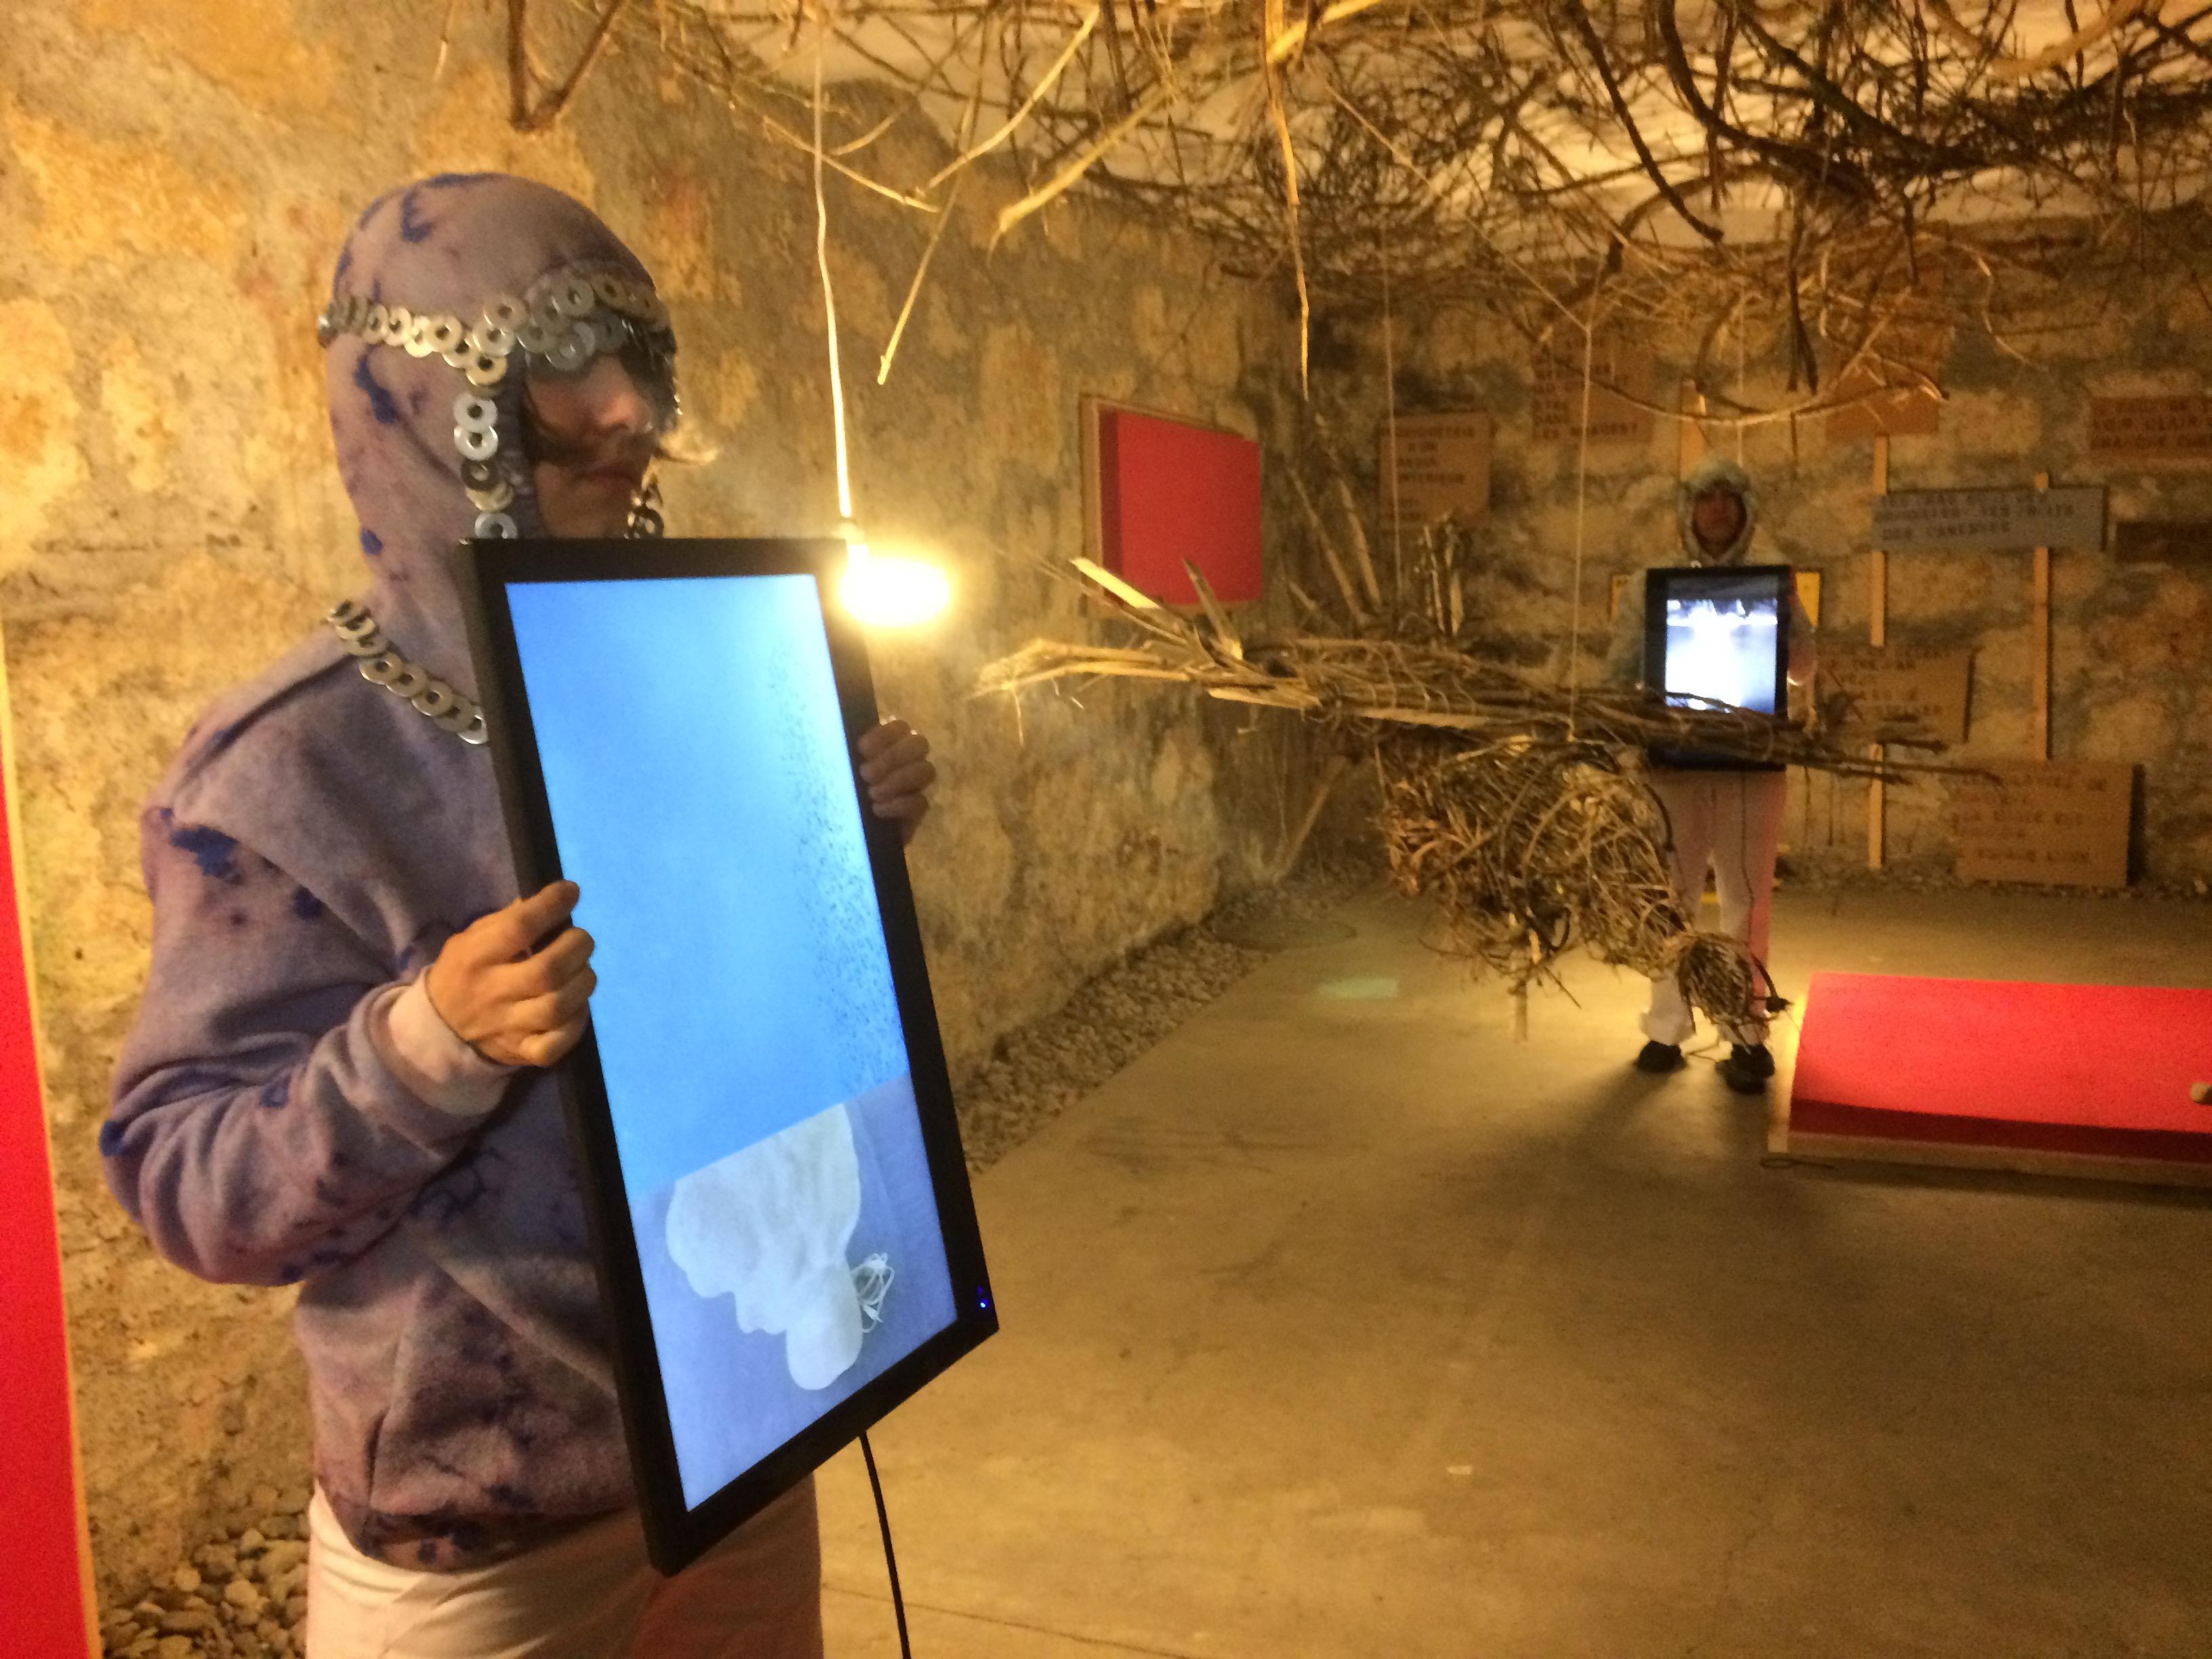 In einem Zimmer mit Steinwänden kommen Holz Äste von der Decke. Und zwei Menschen in ritterähnlichem Kostüm halten je ein Display in den Händen. Auch sind mehrere rote Rechtecke im Raum verteilt.